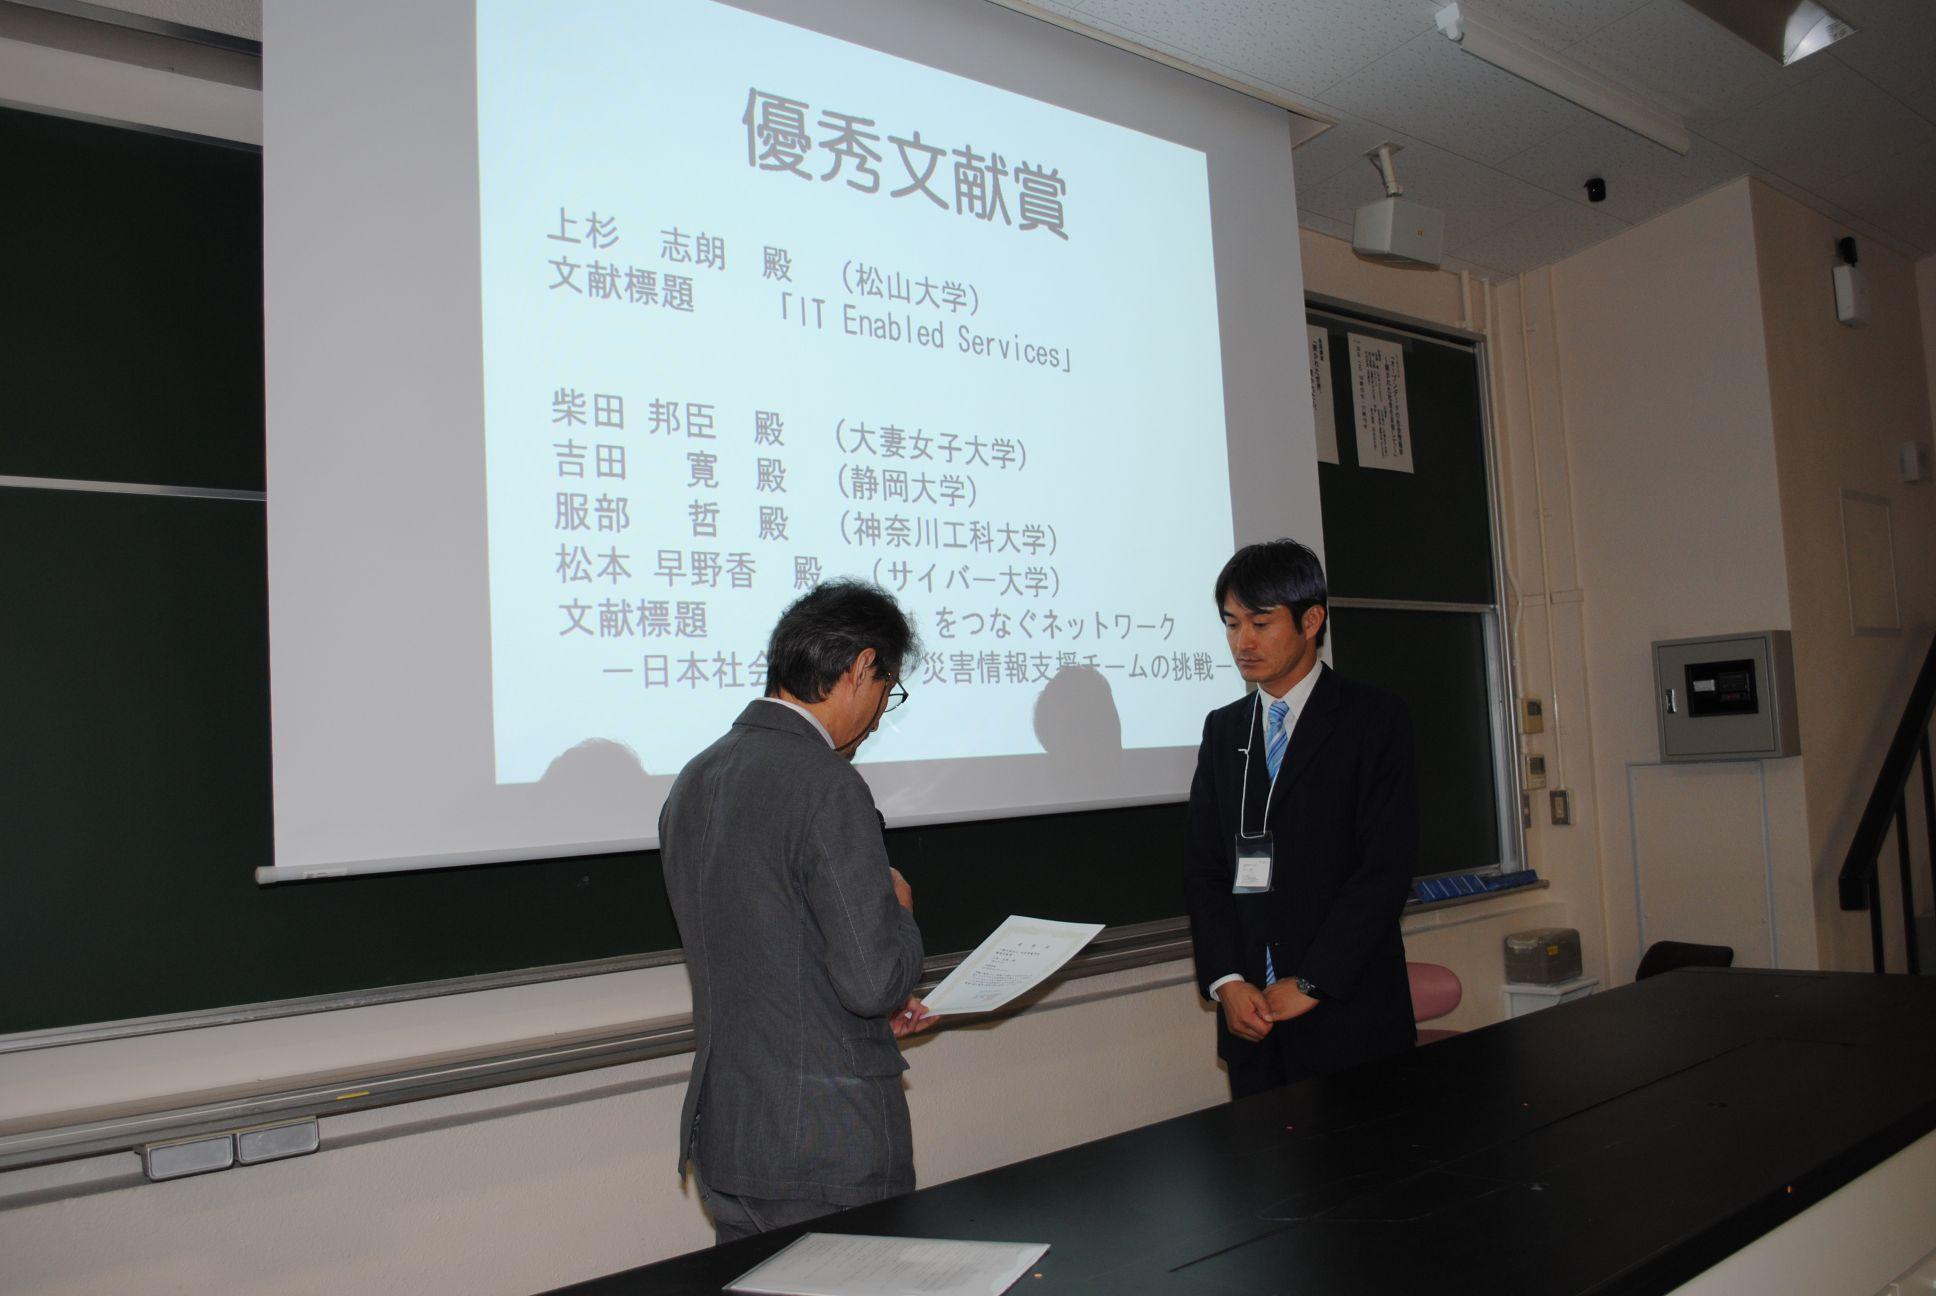 松山大学上杉志朗研究室